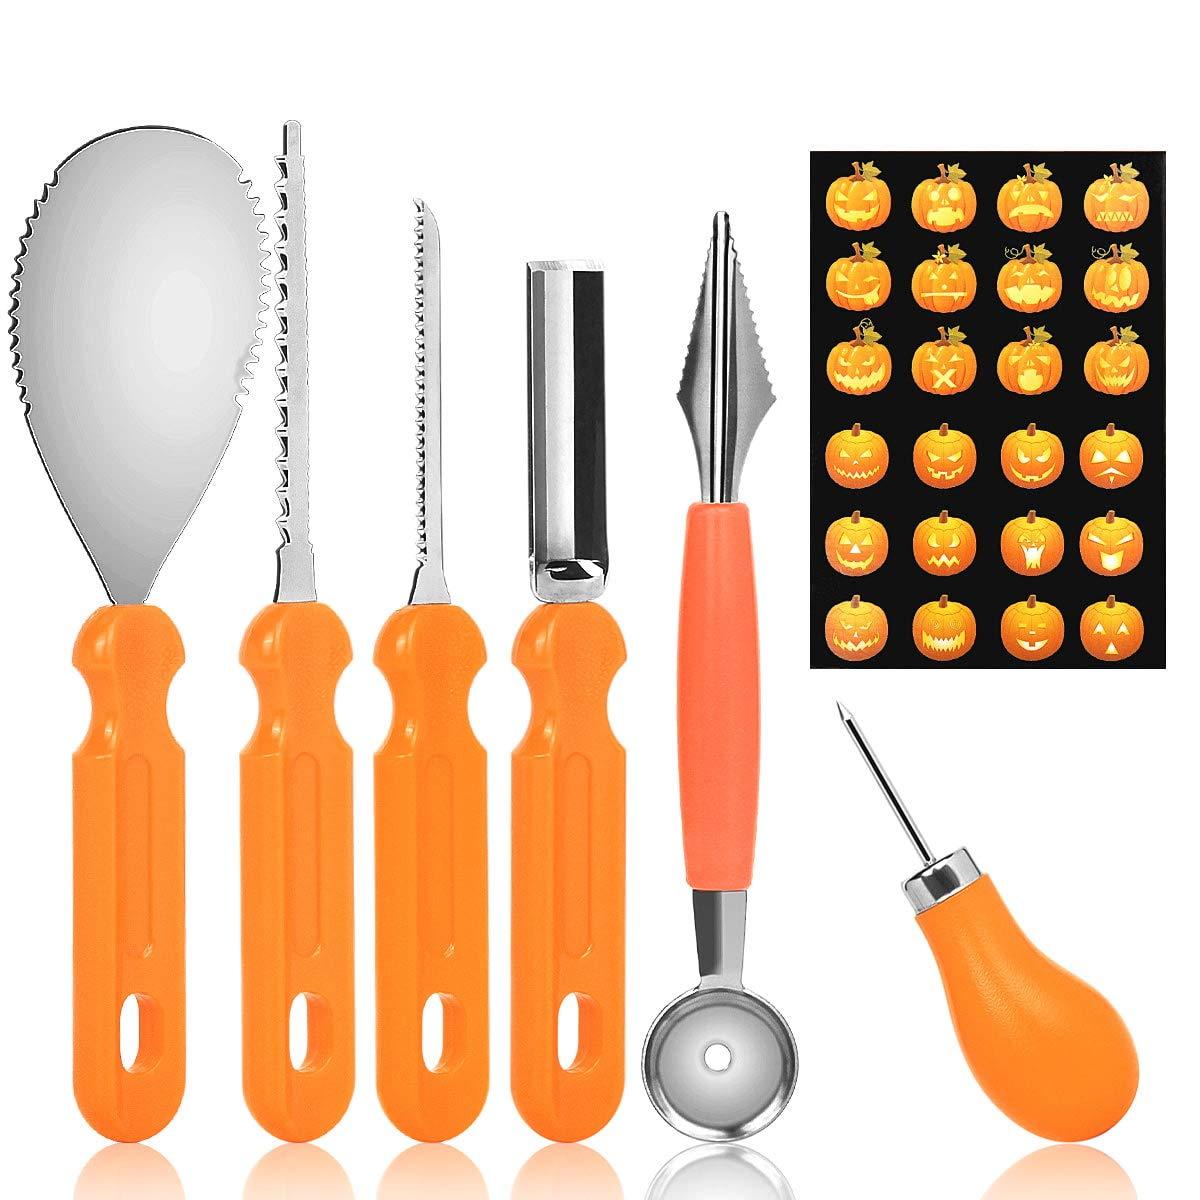 6PCS Pumpkin Carving Tools,CYzuantan Pumpkin Light Carving Tools,Halloween Pumpkin Lantern Carving Set,Pumpkin Lamp Carving Knife,Pumpkin DIY Making Tool Set - Suitable for Kids and Adult DIY Tools